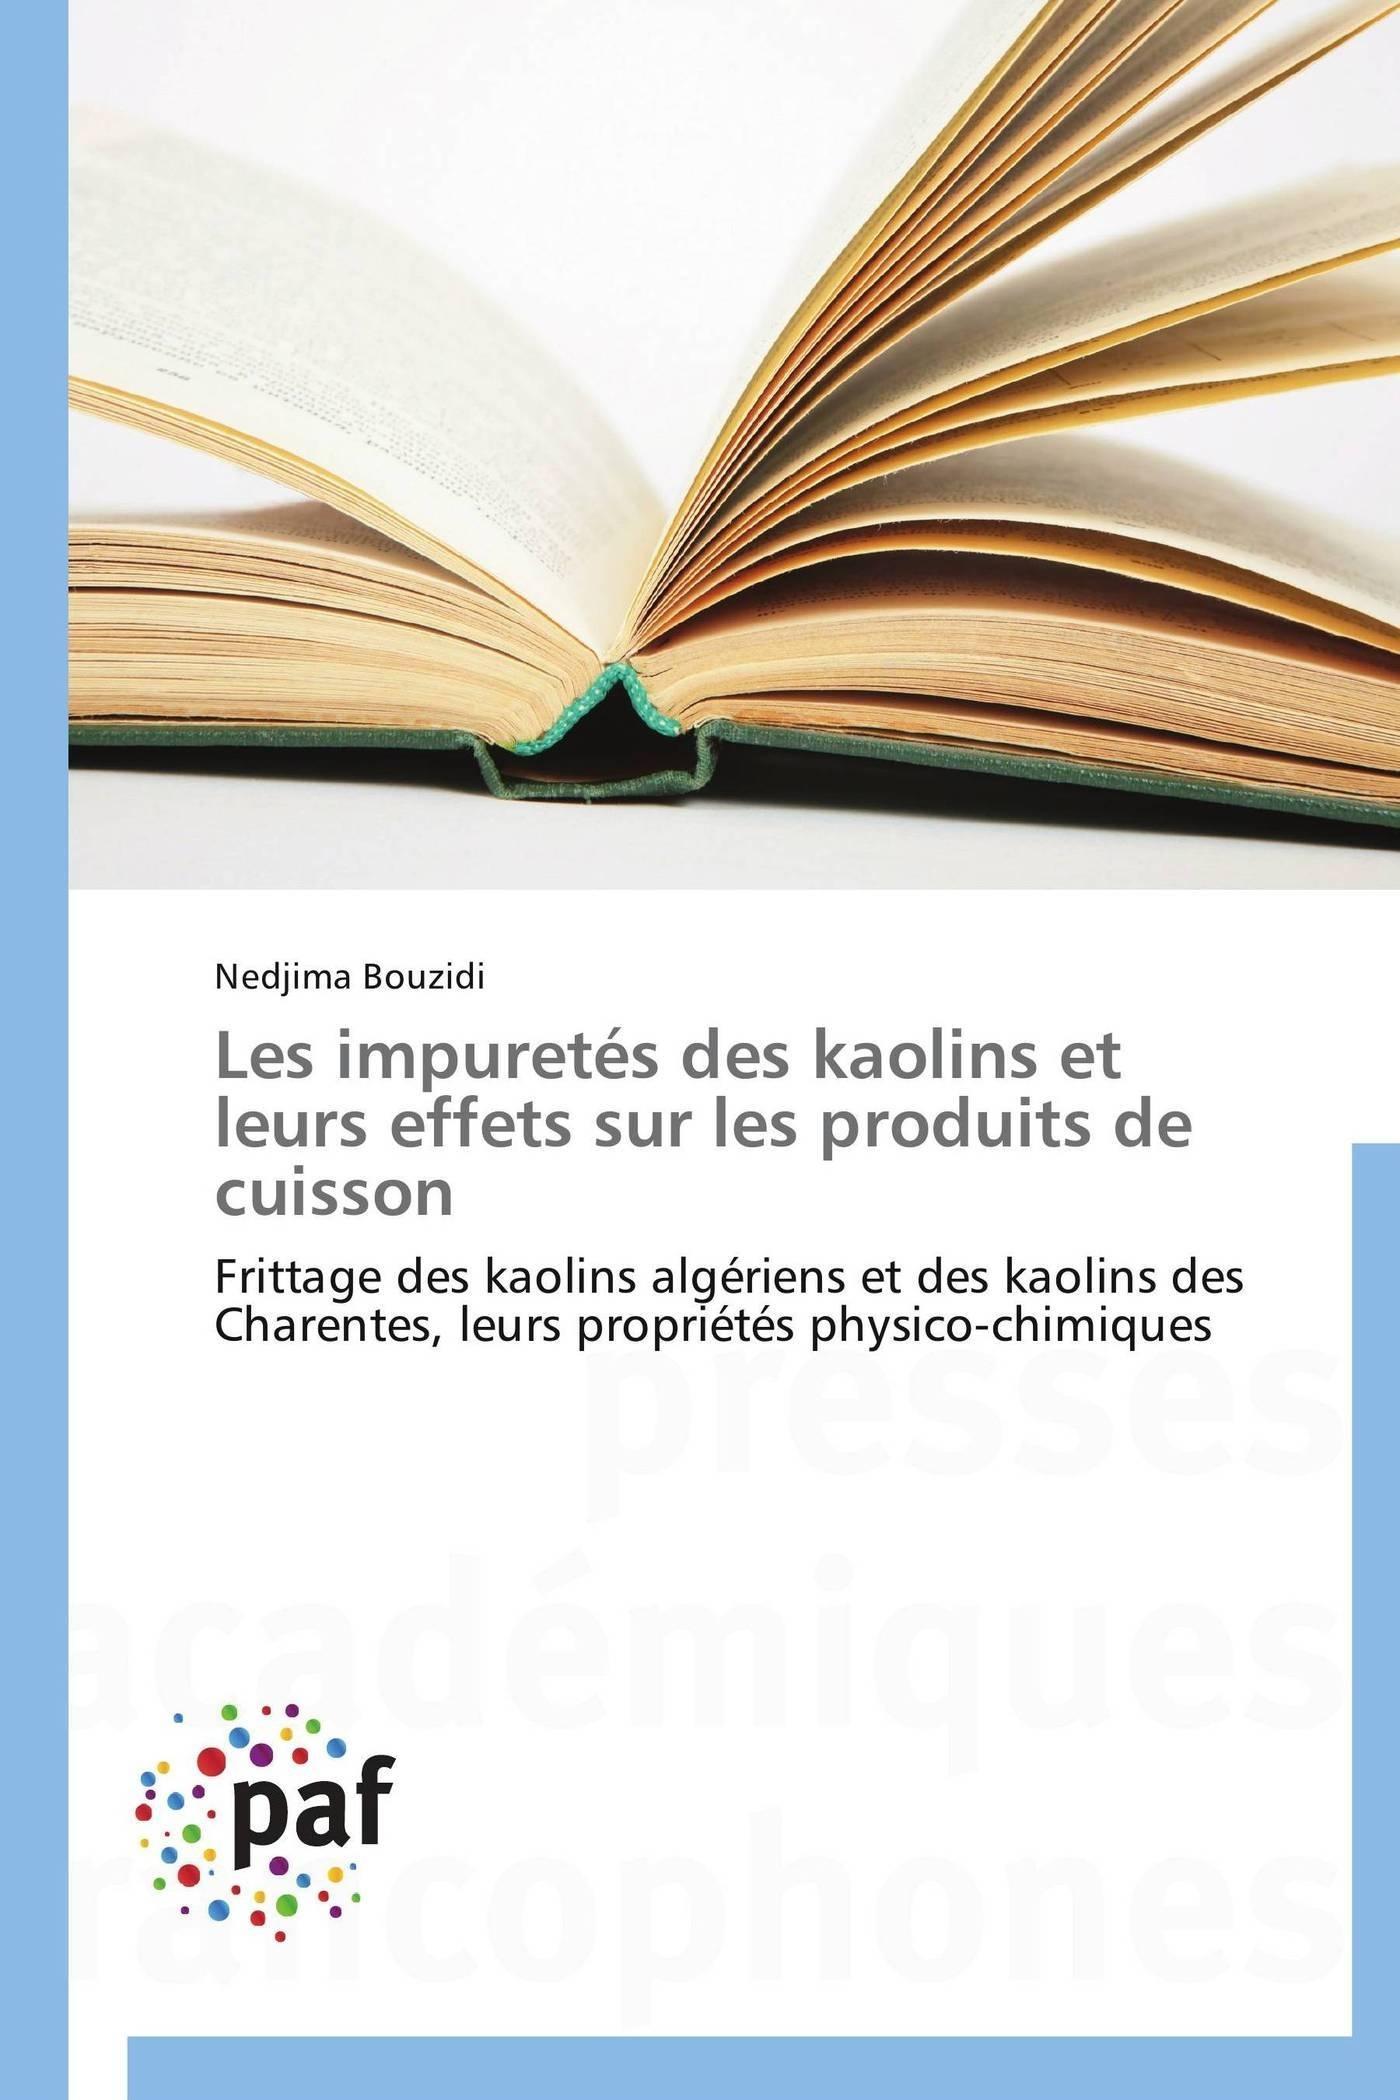 LES IMPURETES DES KAOLINS ET LEURS EFFETS SUR LES PRODUITS DE CUISSON